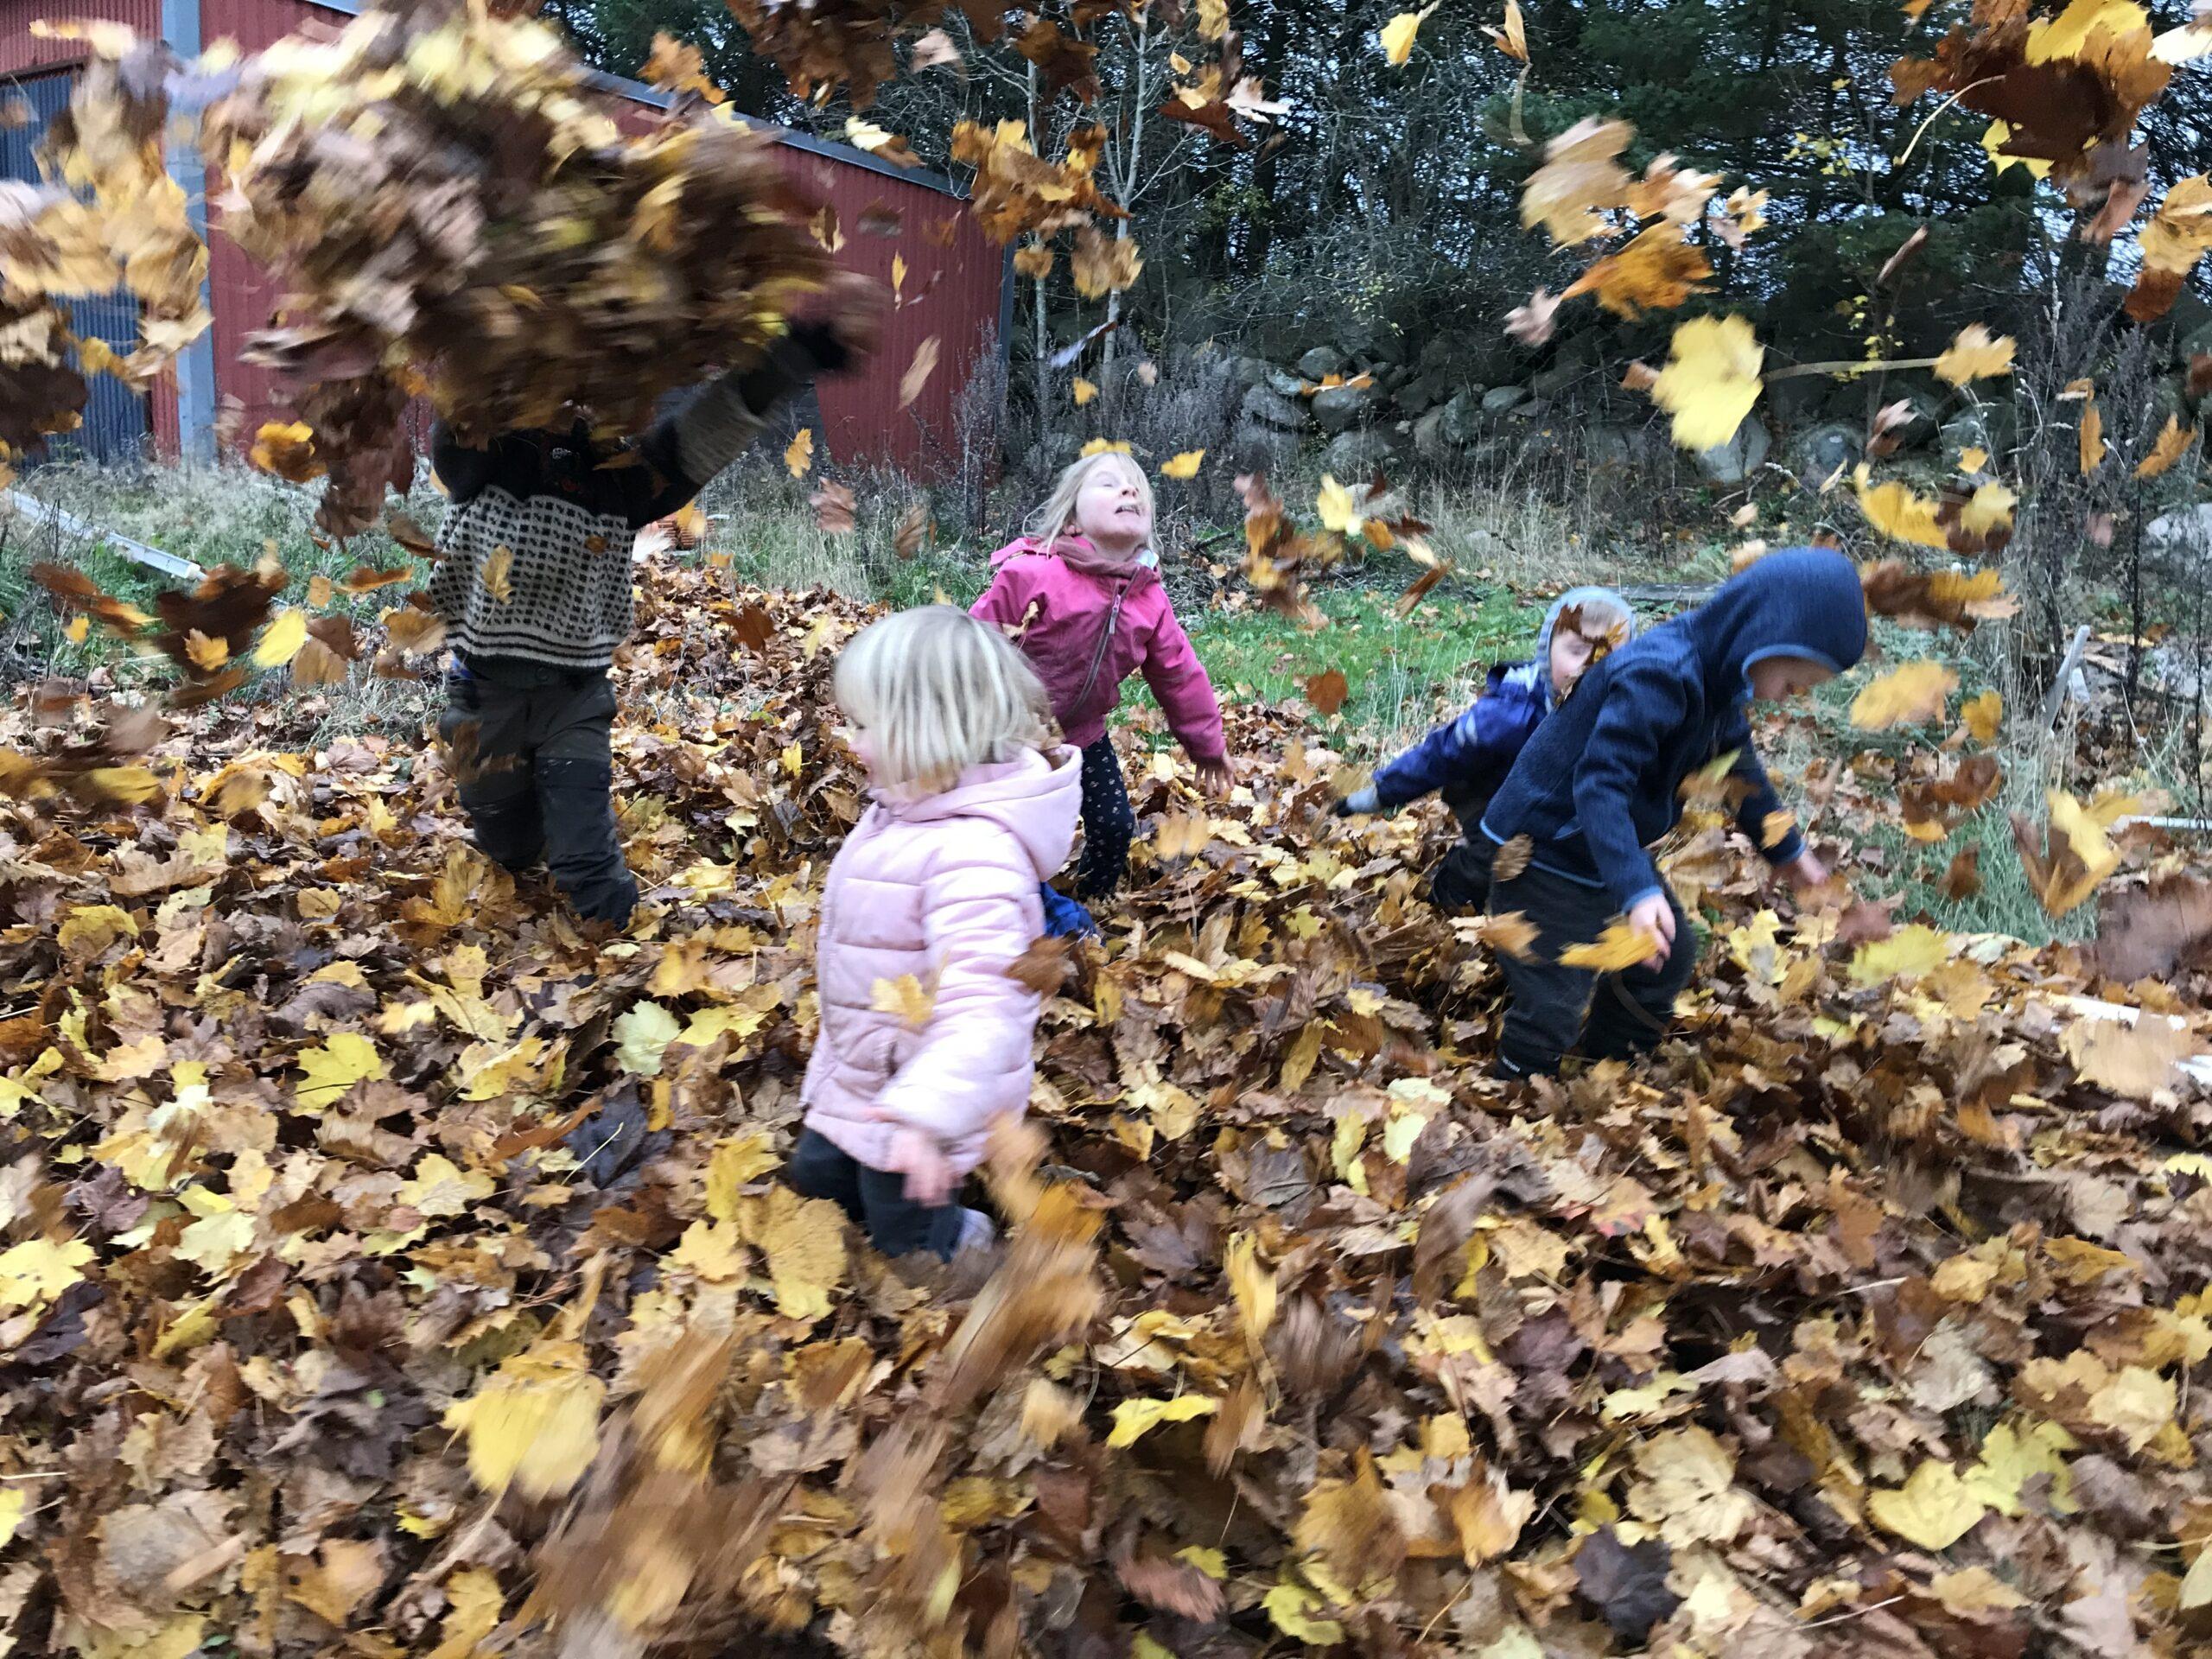 Barnen leker i löven